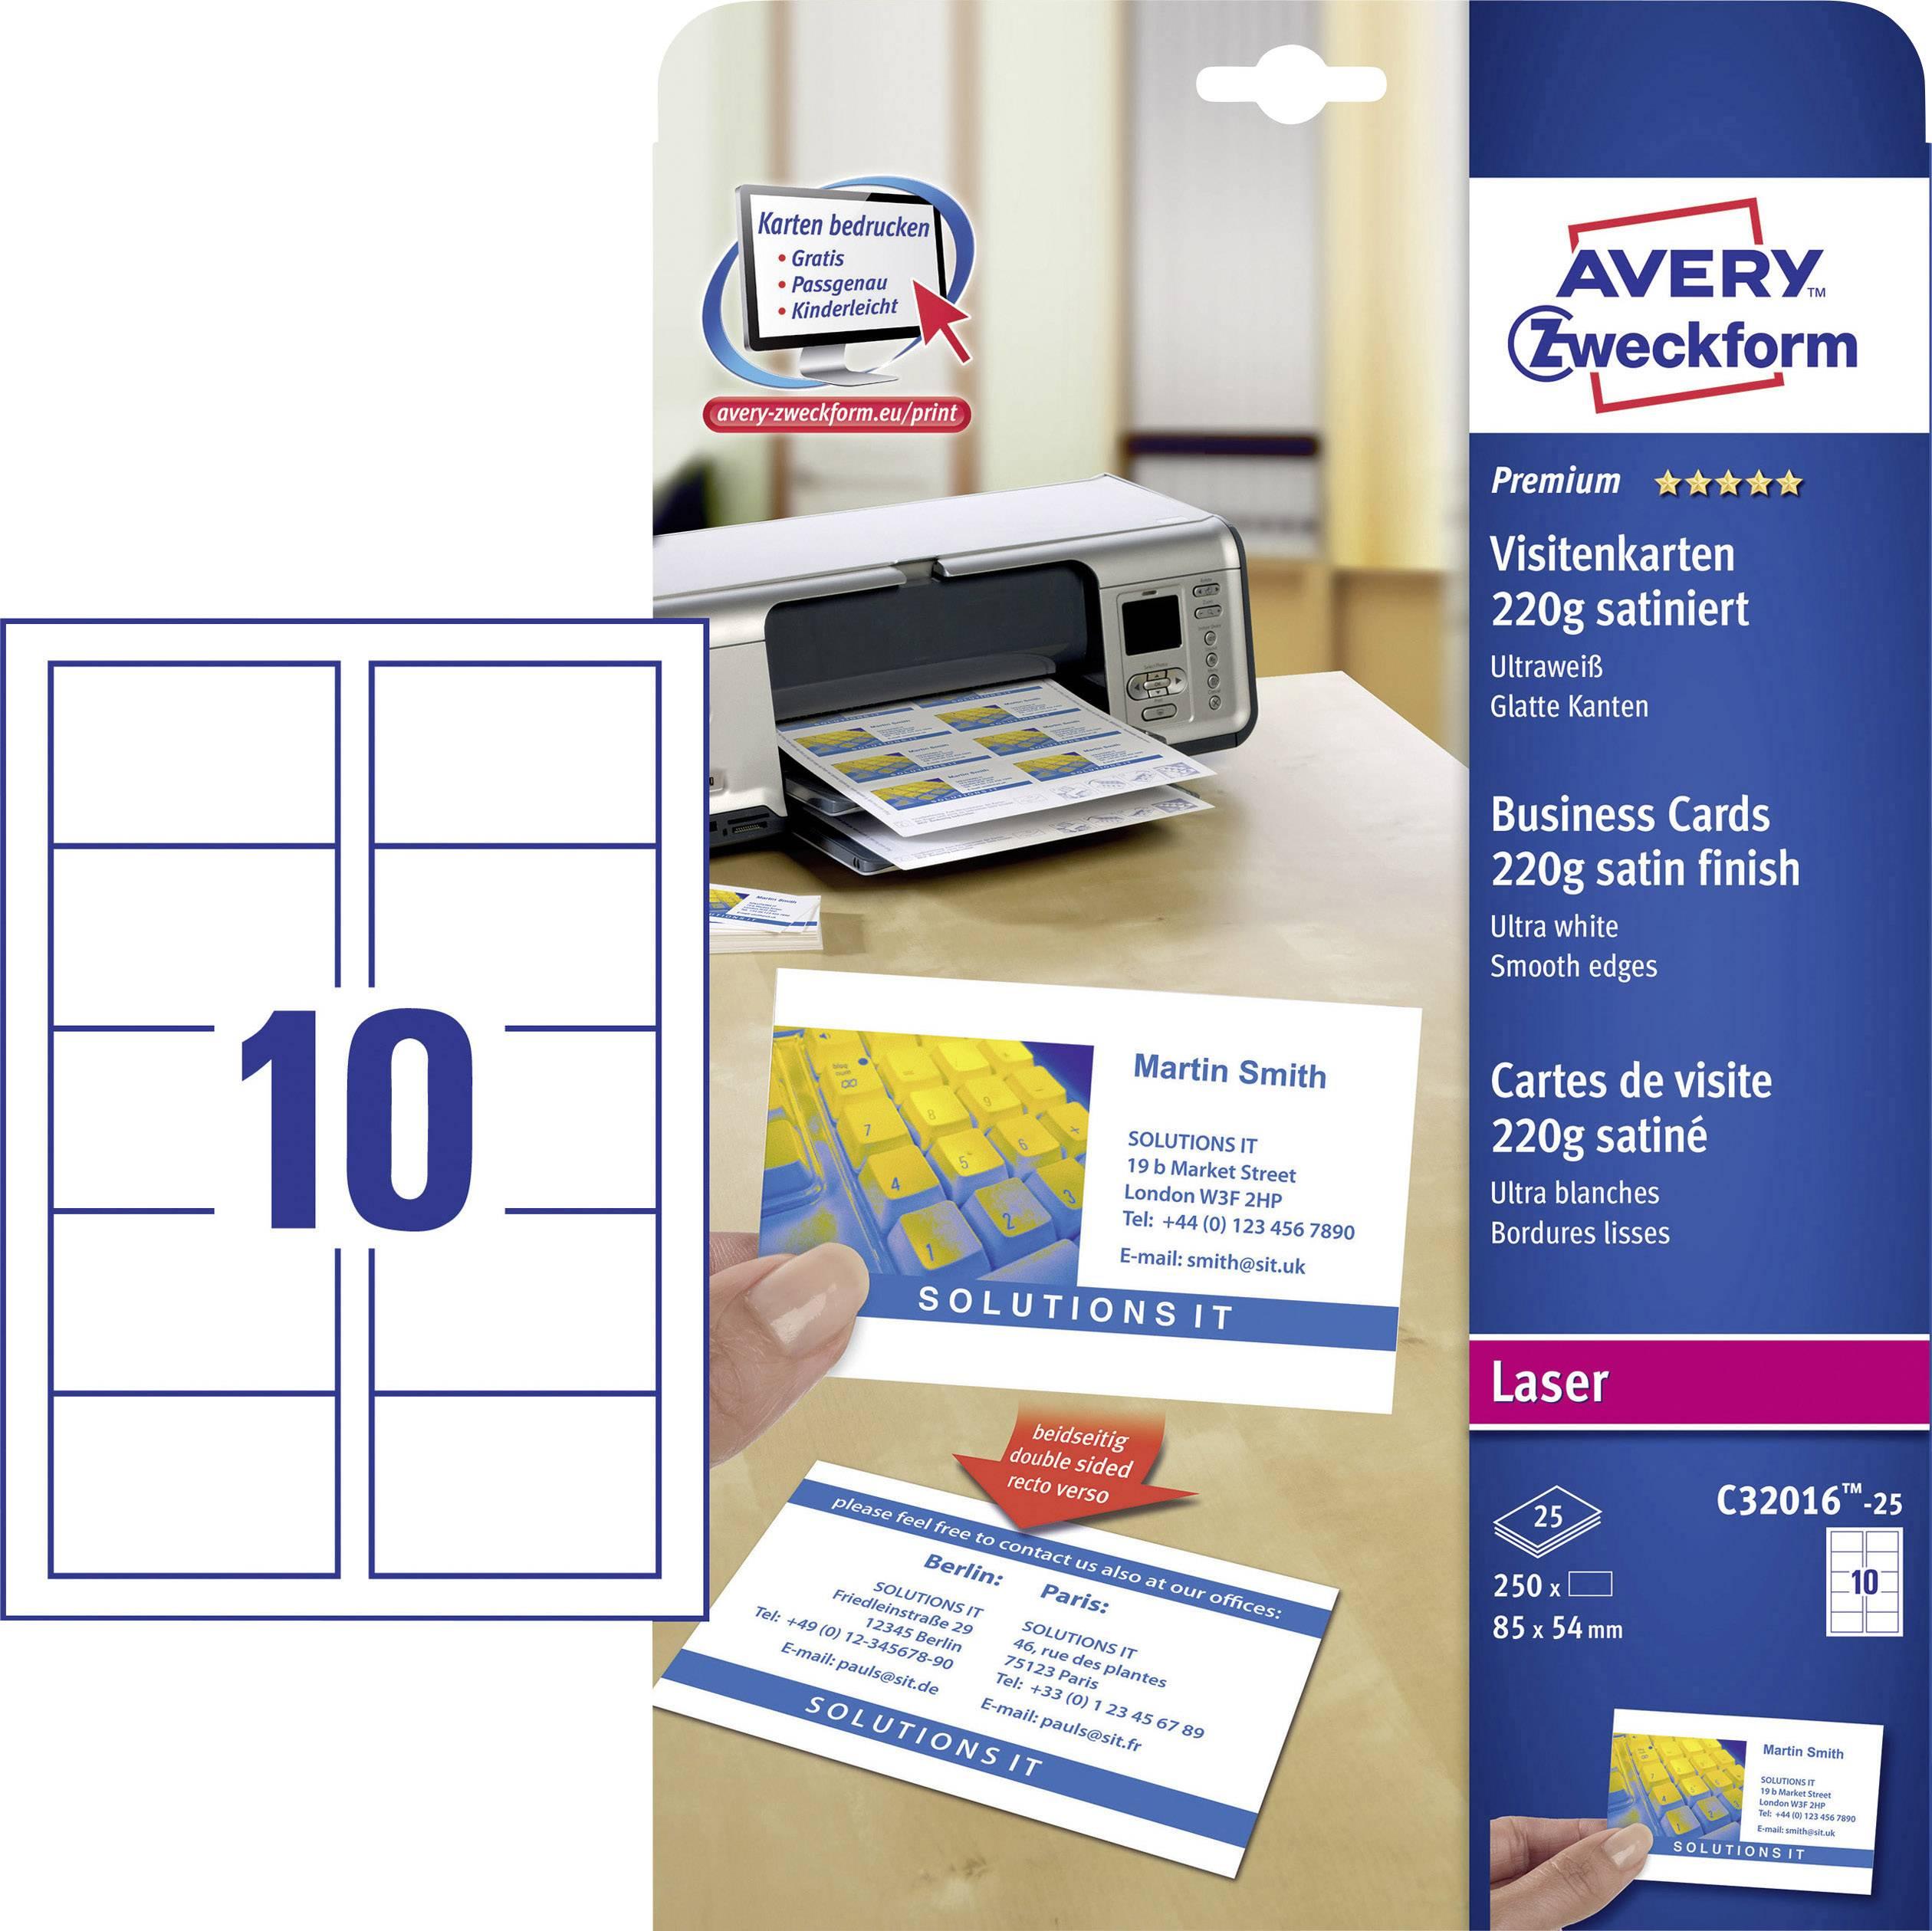 Potisknutelné vizitky s hladkými hranami Avery-Zweckform C32016-25, 85 x 54 mm bílá, 250 ks